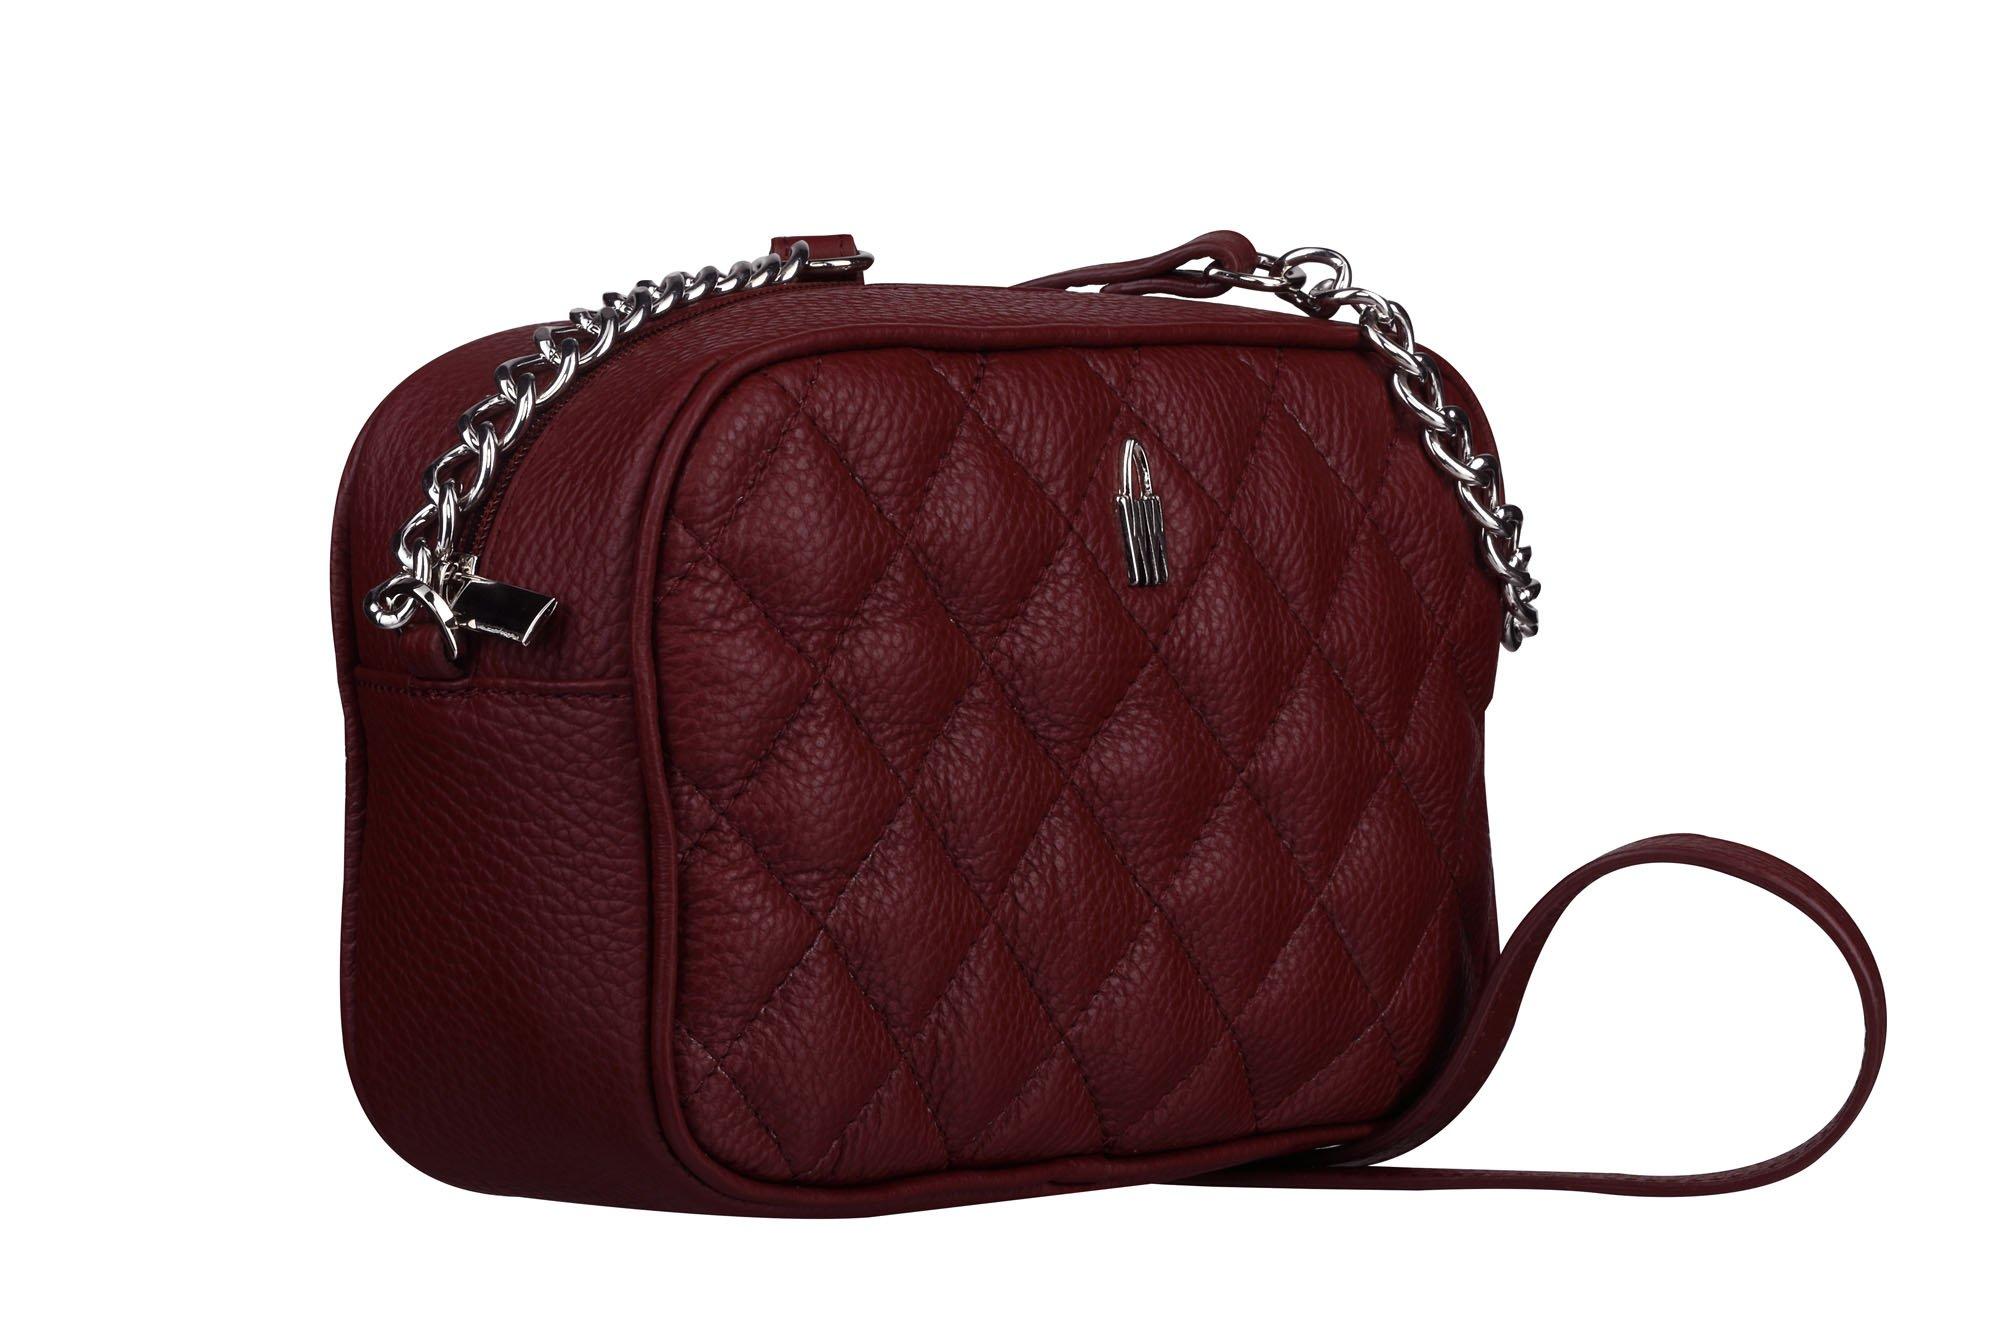 ecf9548e75 Malé luxusné kožené kabelky crossbody Wojewodzic bordové 31747 P ...